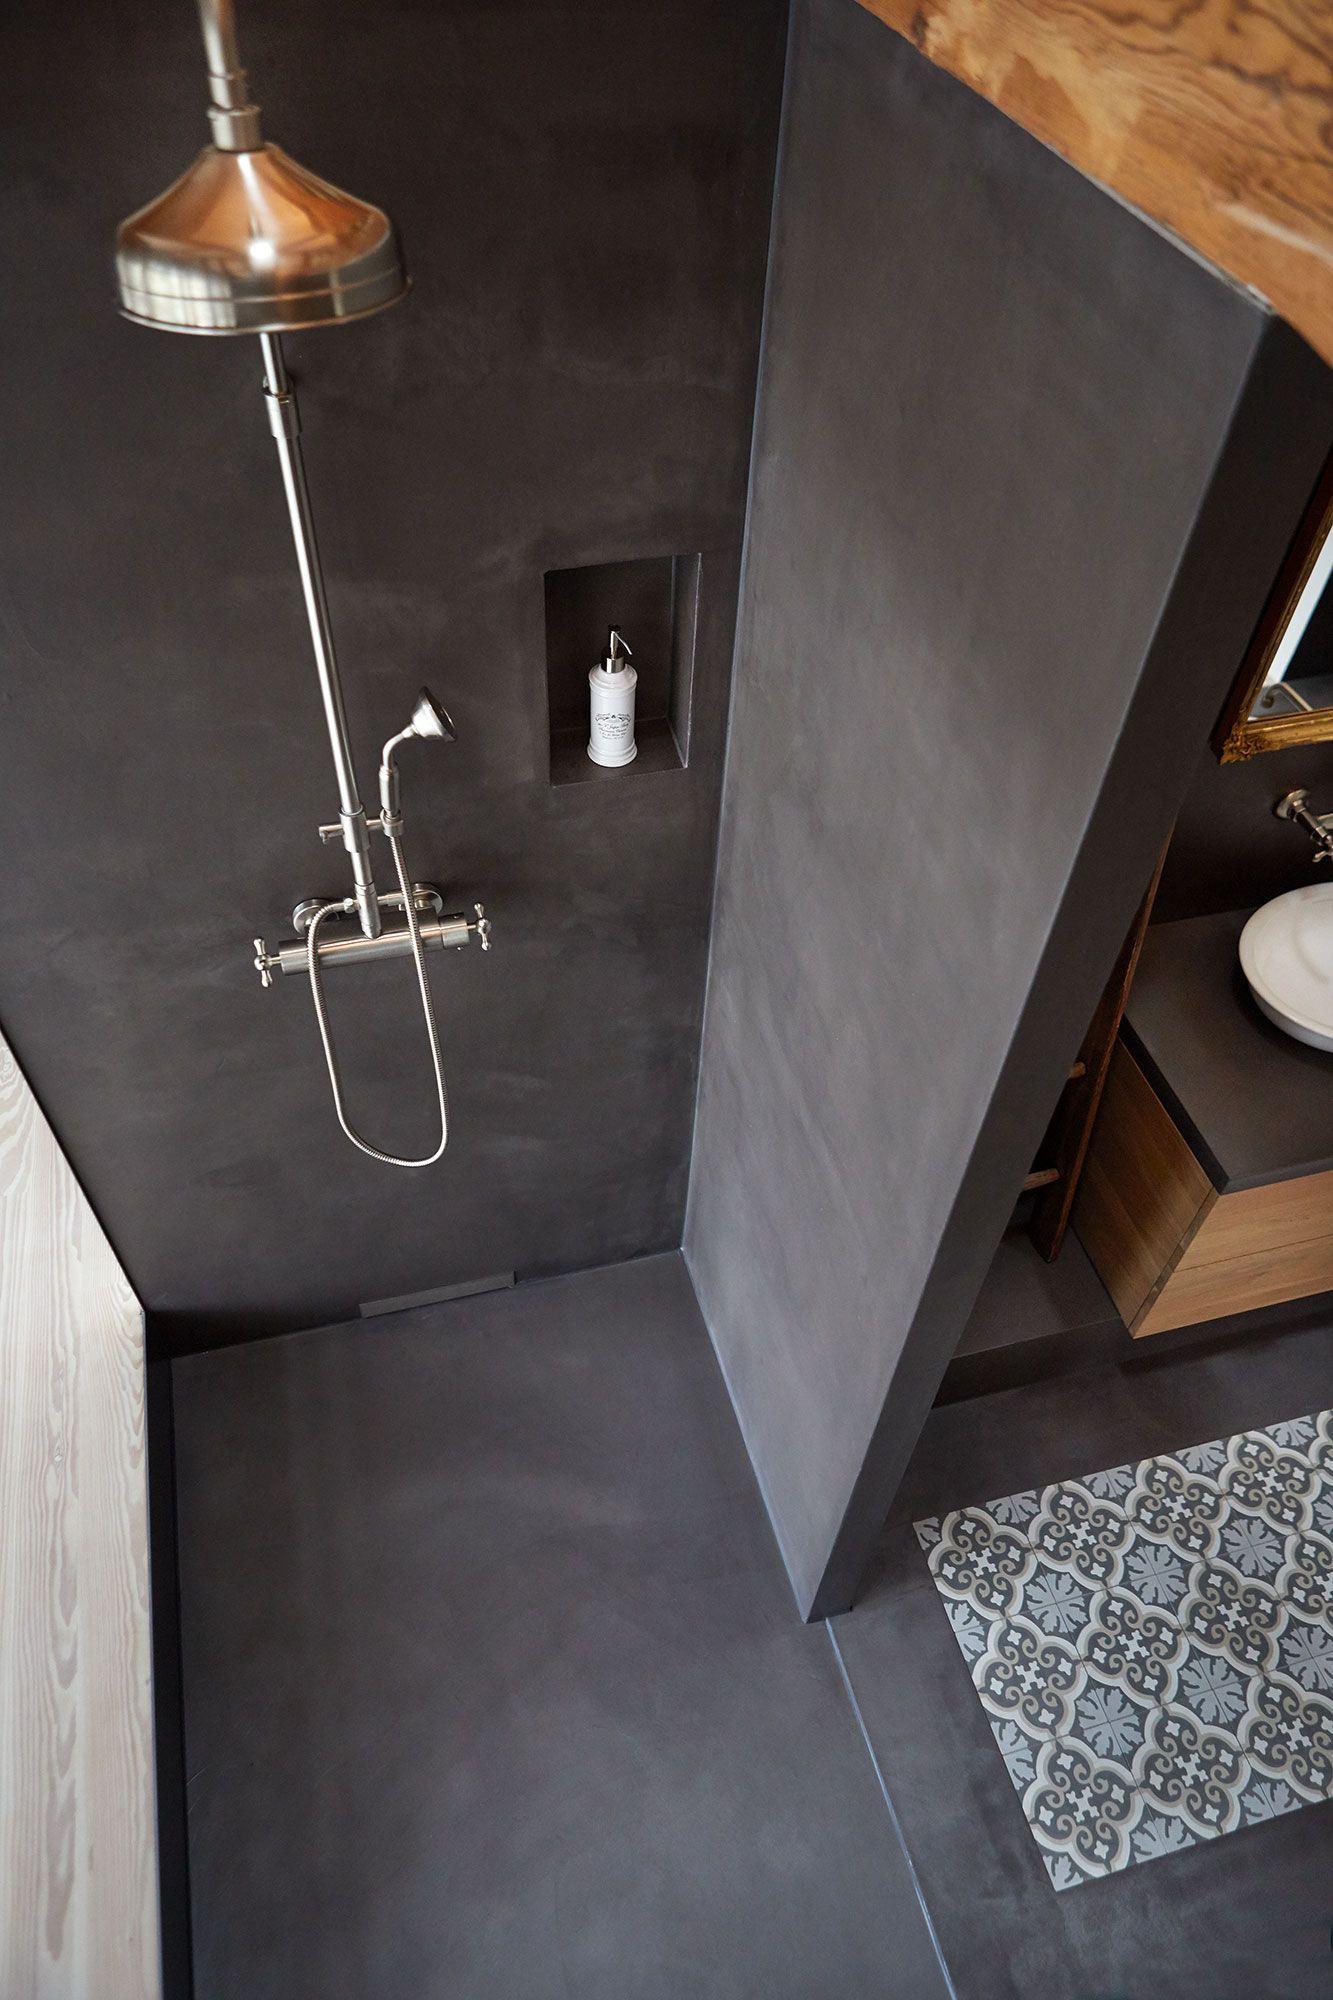 Wand Bodenbelag Fur Duschen Badezimmereinrichtung Bad Inspiration Badezimmer Innenausstattung